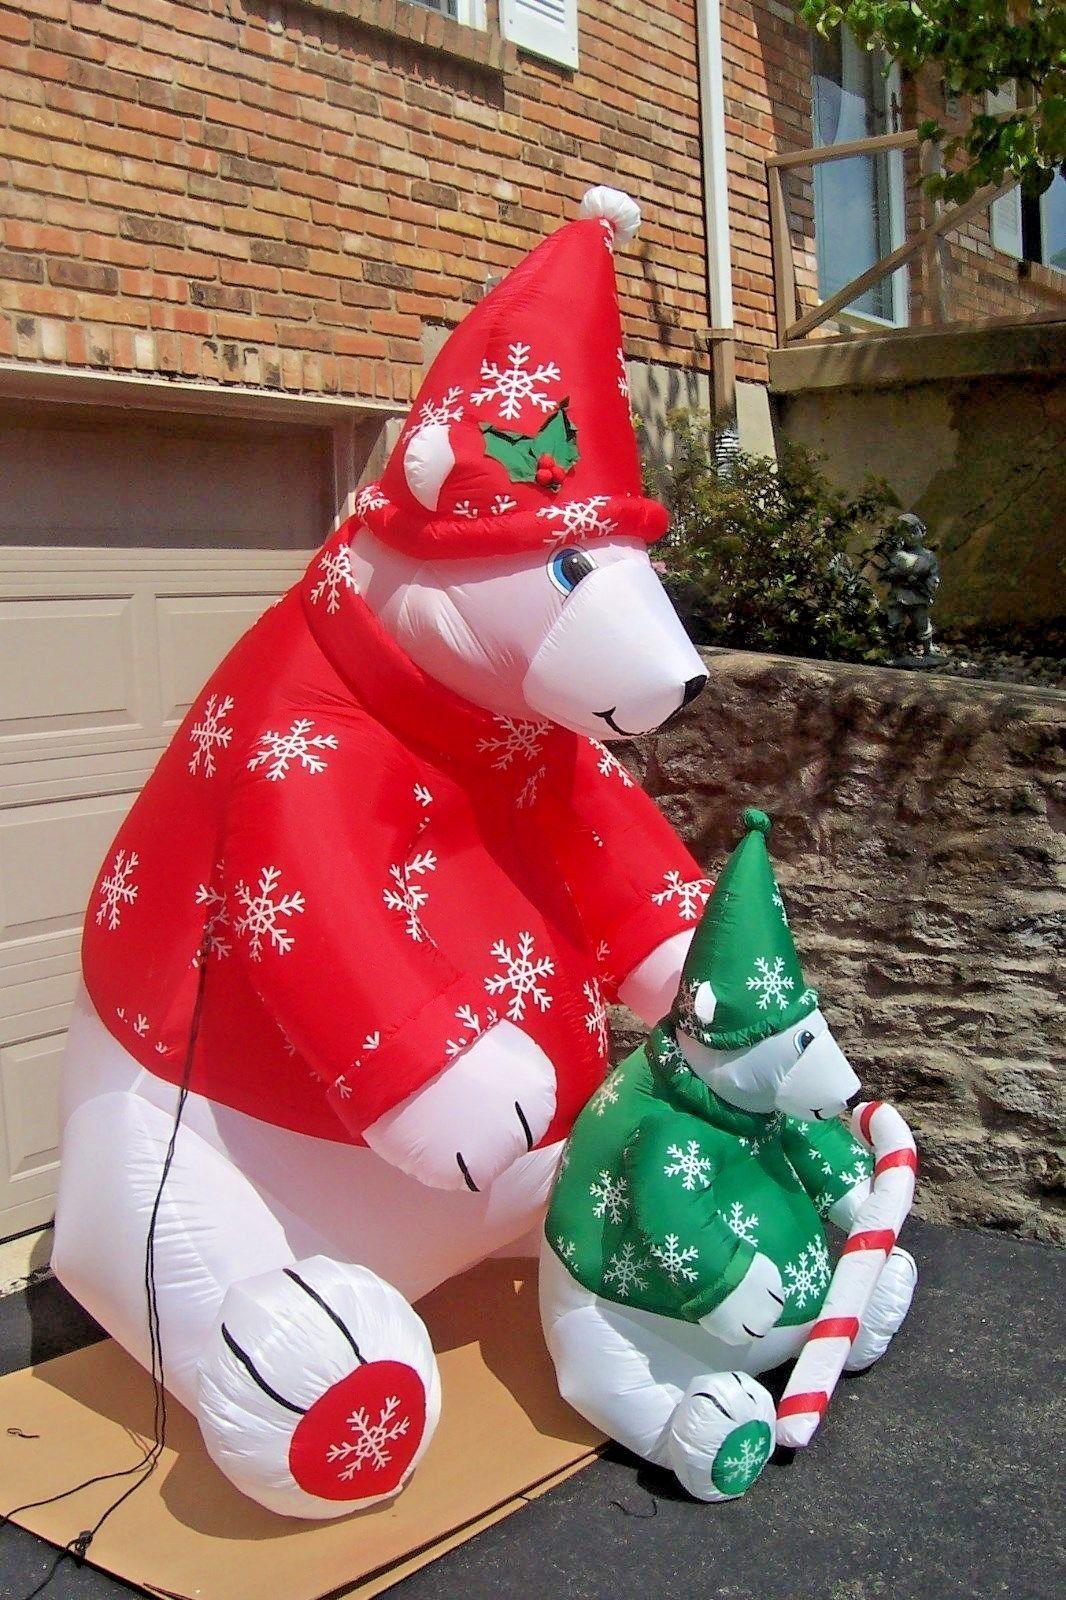 gemmy 8 ft polar bear and cub airblown inflatable christmas yard decor w box htf 2jpg - Polar Bear Inflatable Christmas Decorations